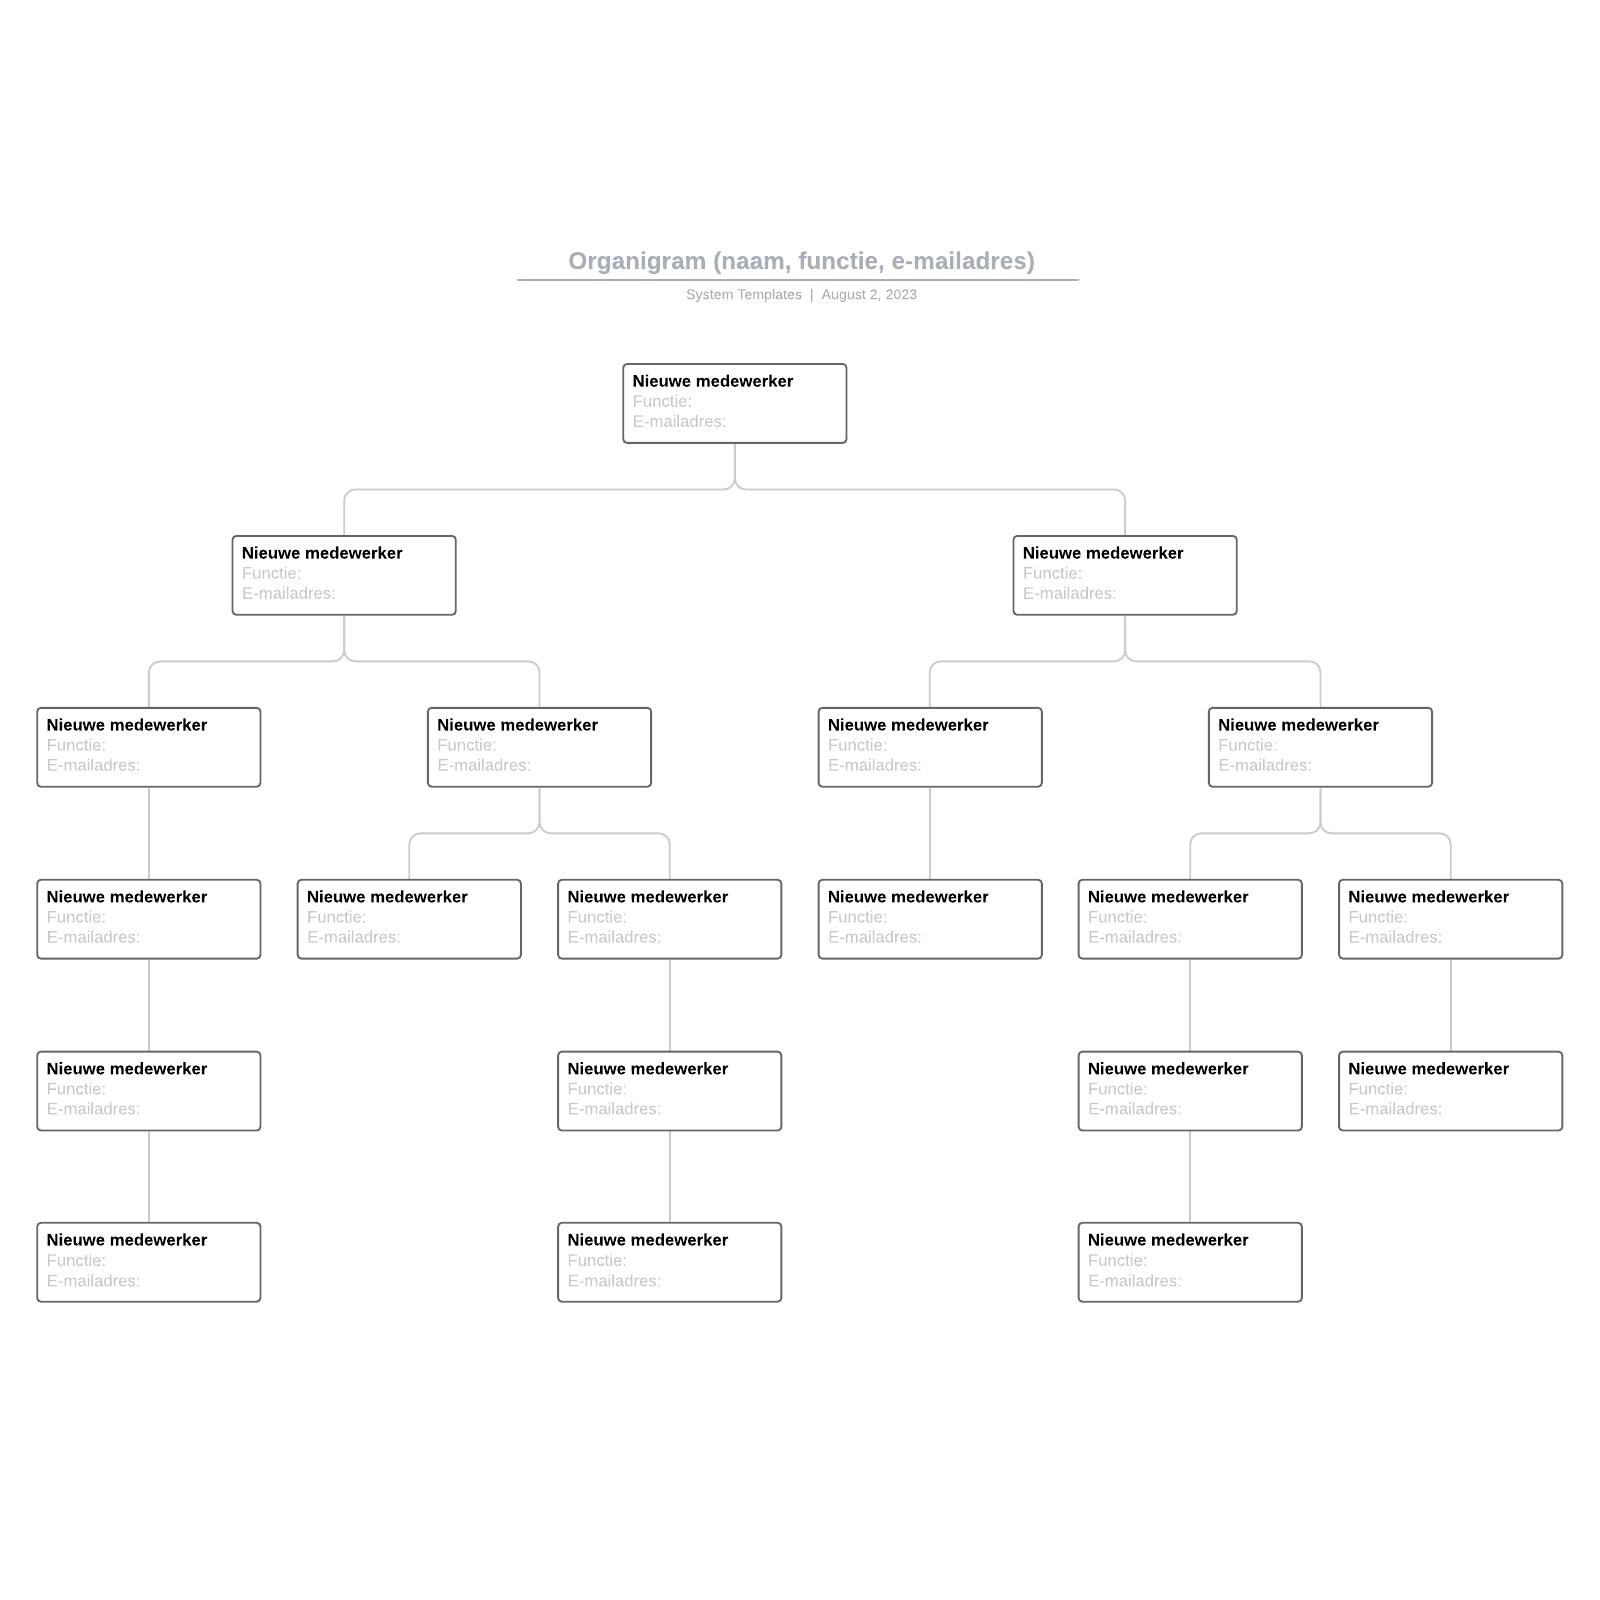 Organigram (naam, functie, e-mailadres)